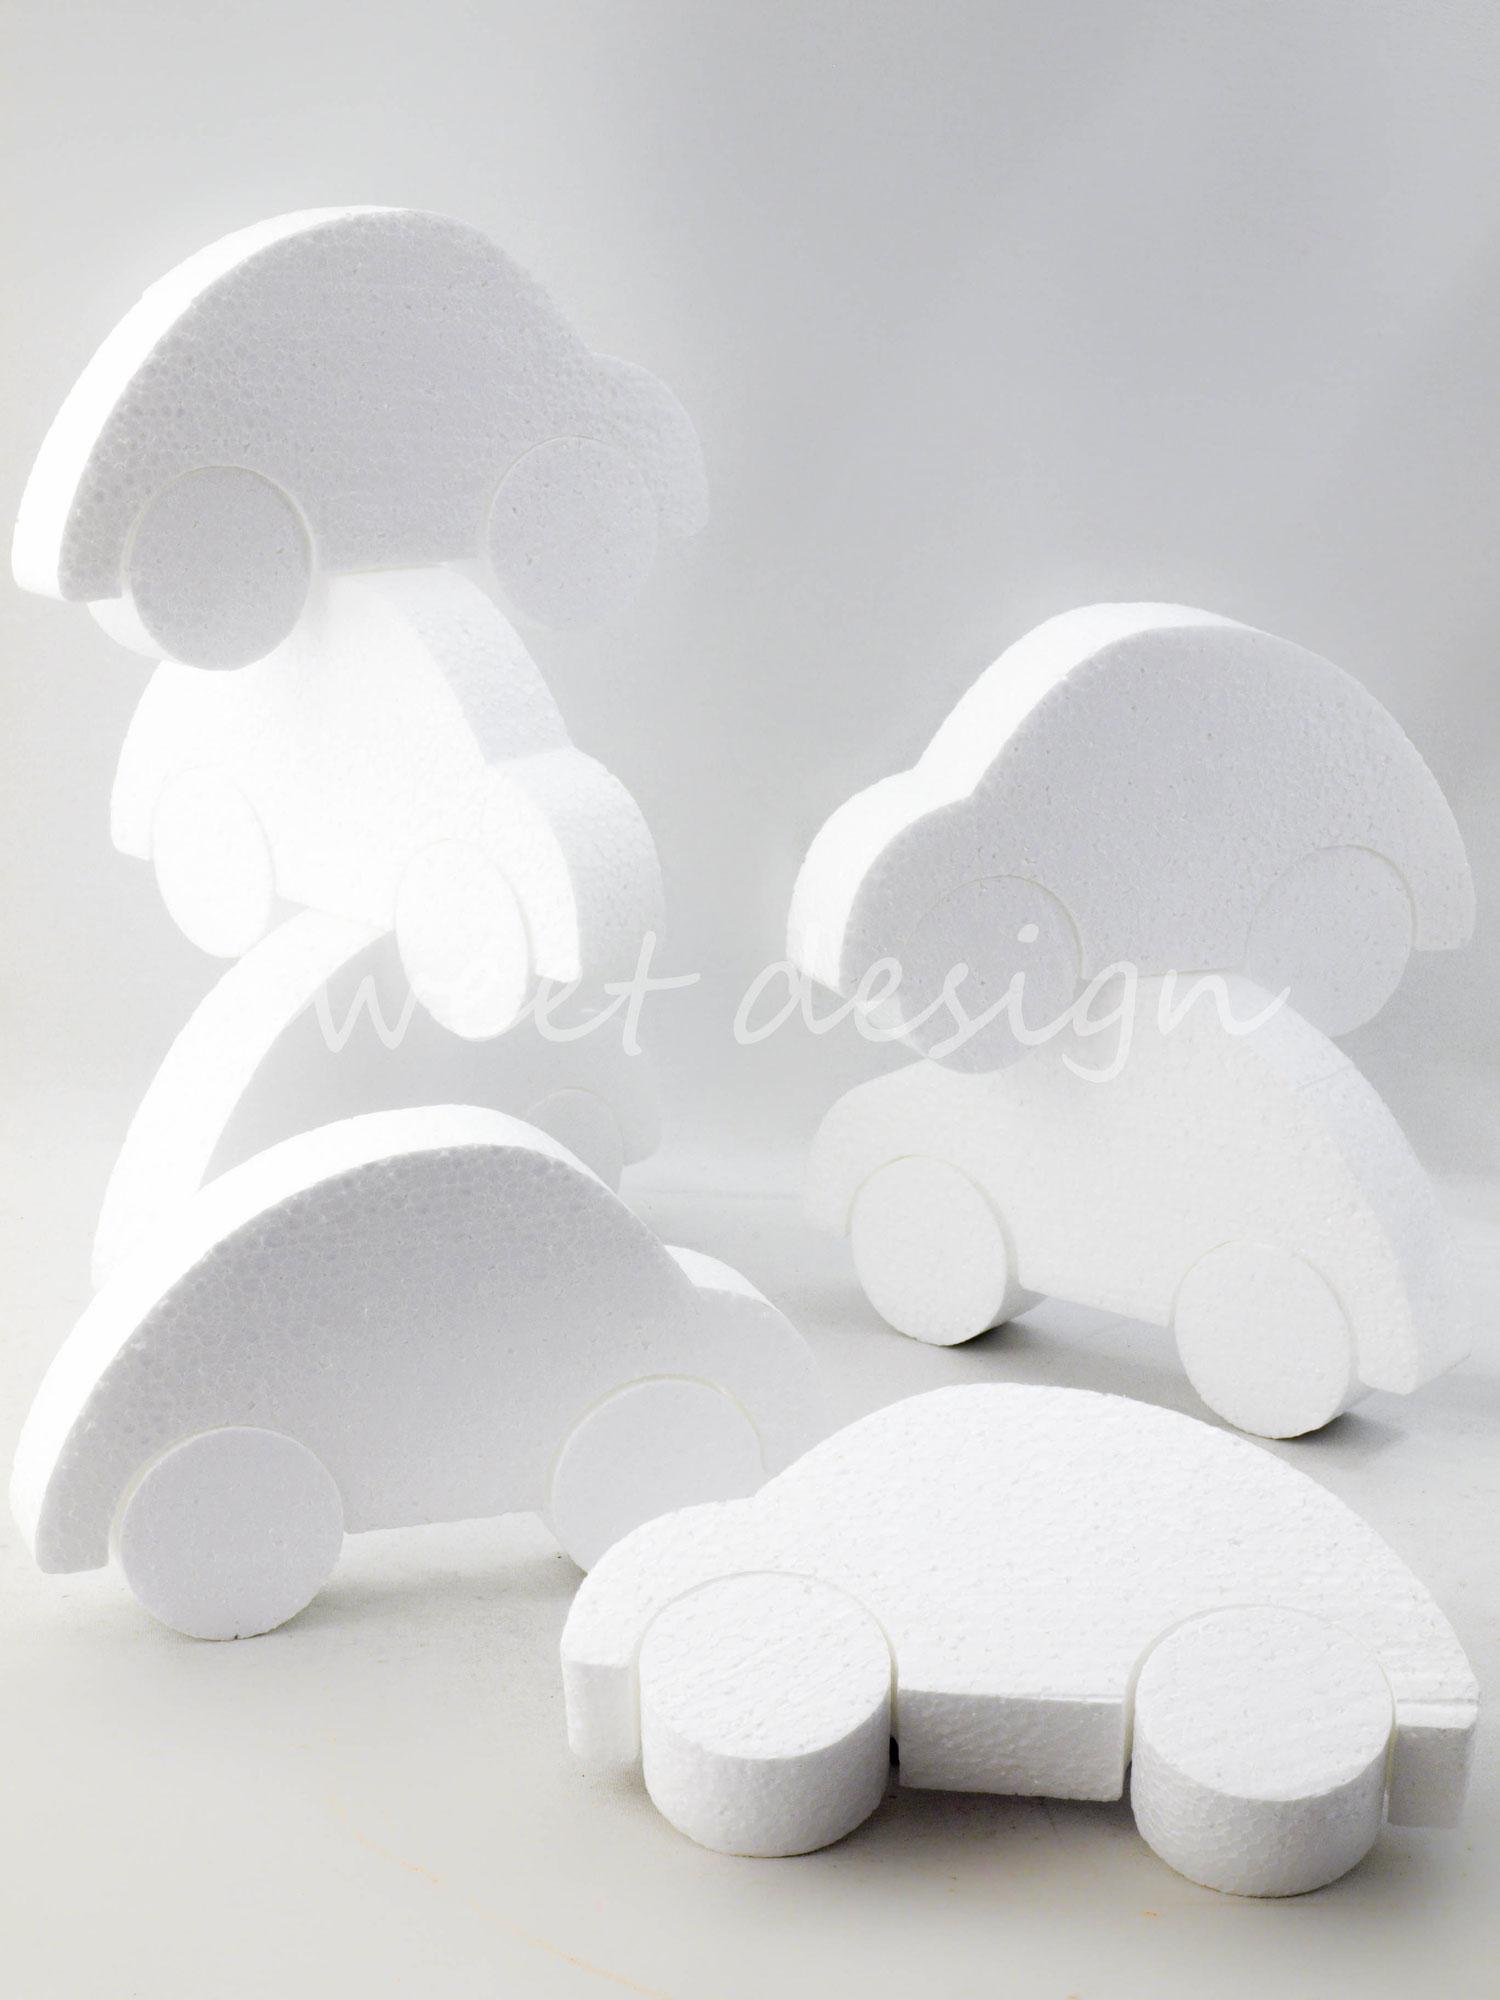 Cochecito de porex sweet design - Laminas de corcho blanco ...